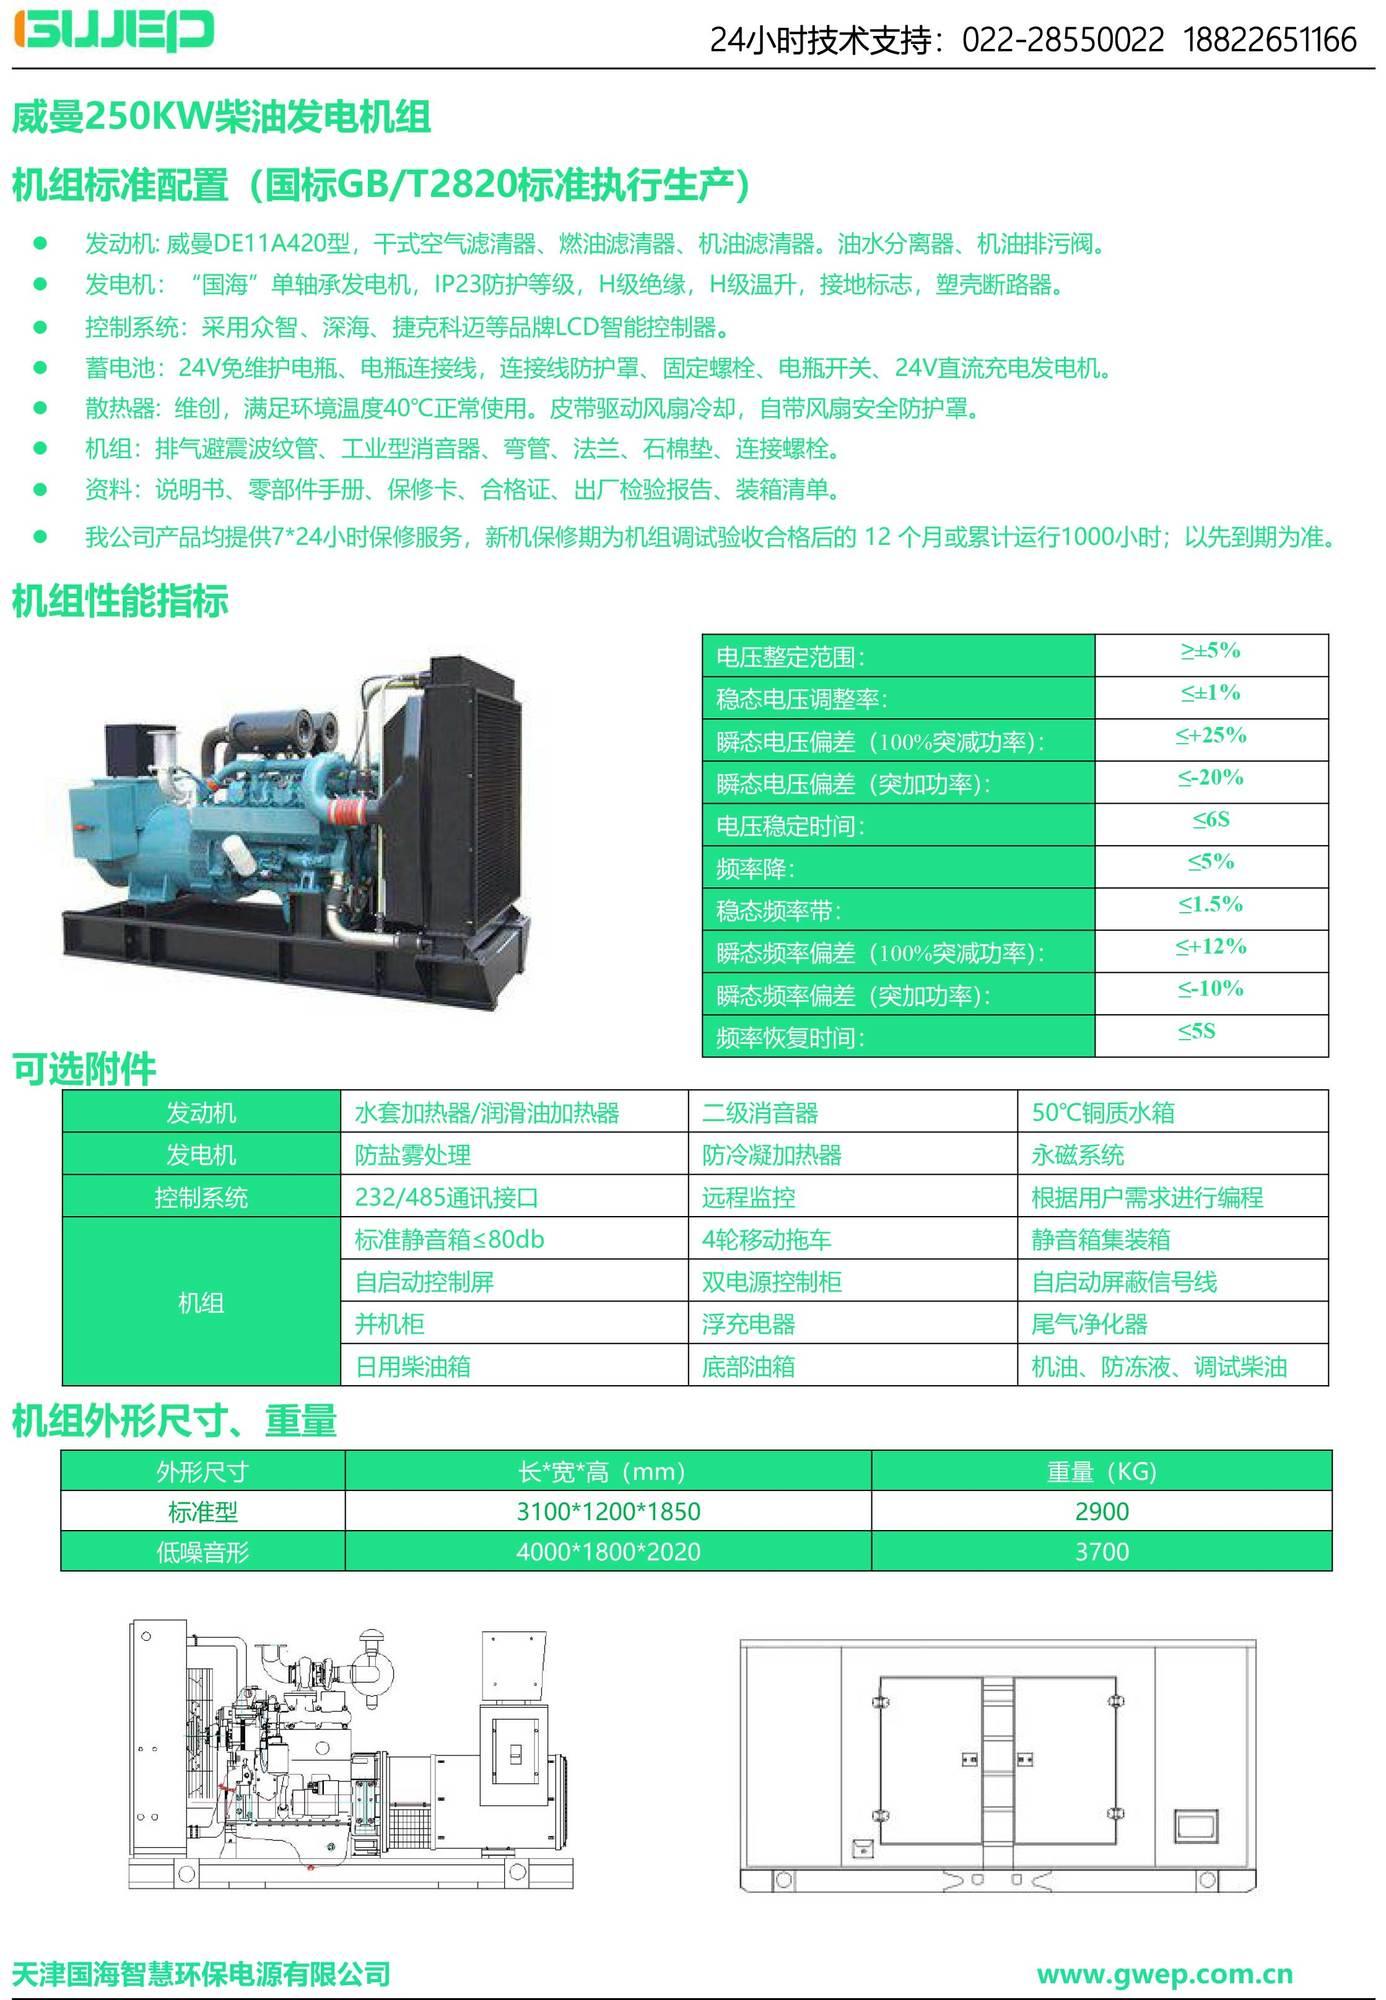 威曼250KW发电机组技术资料-1.jpg